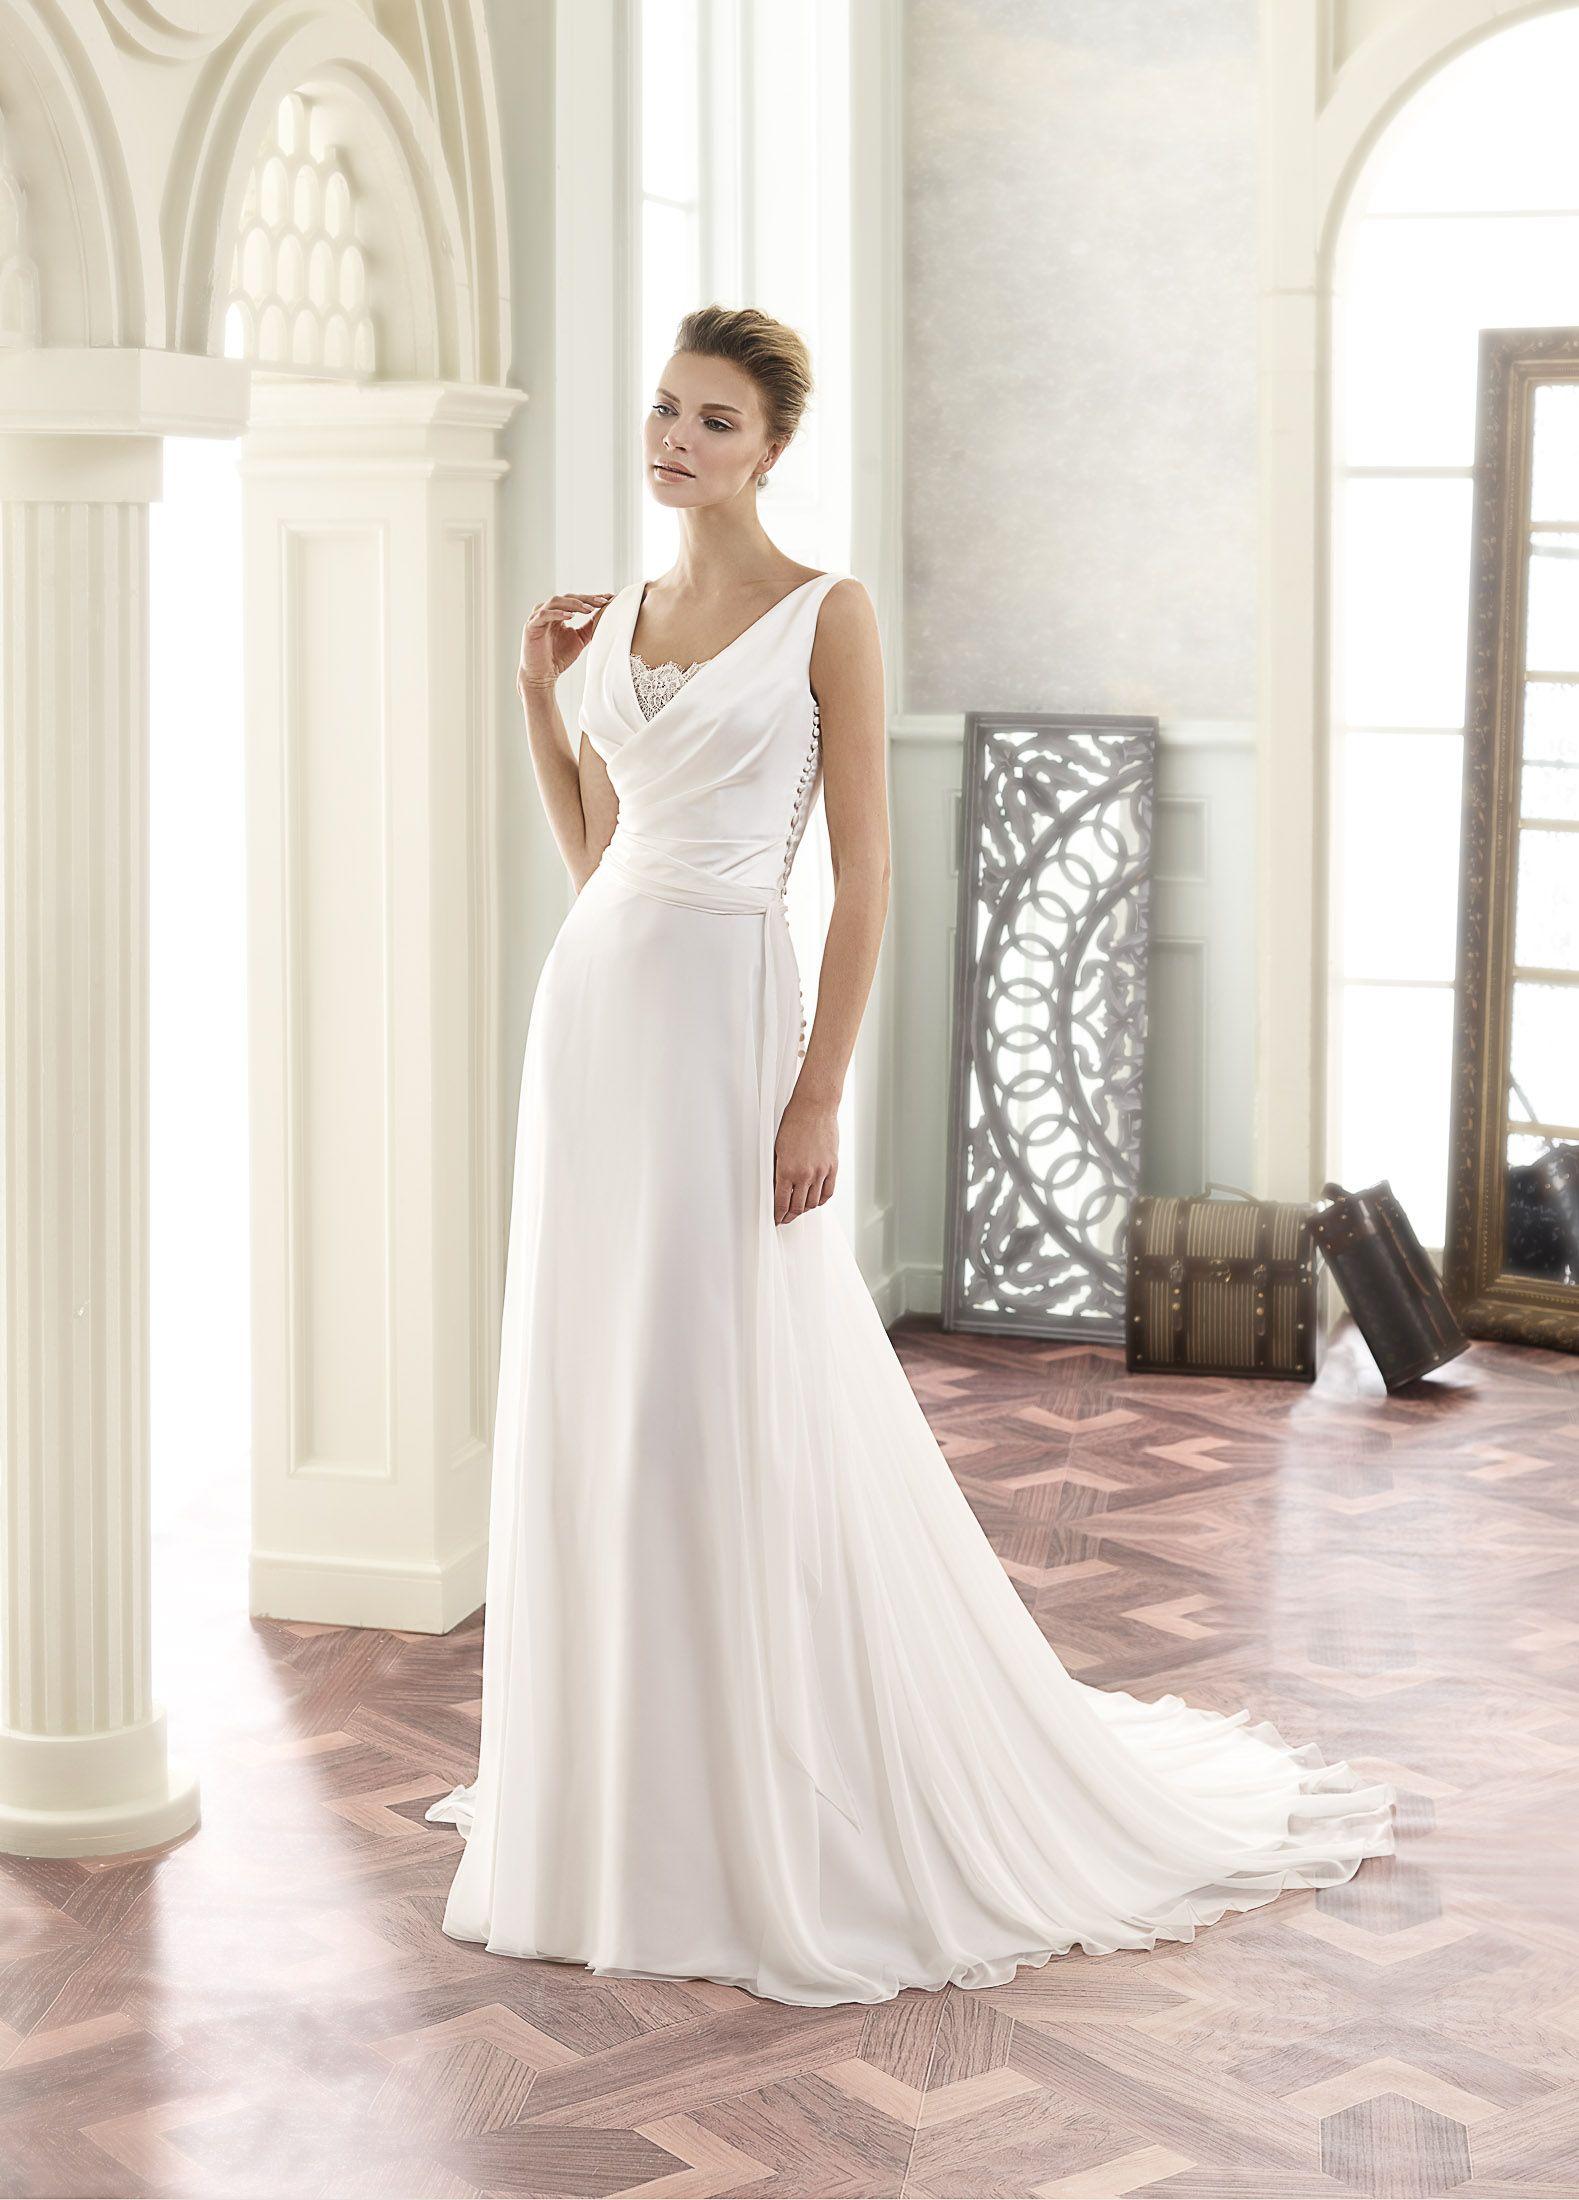 tiffany_front | Hochzeitskleid, Kleider, Hochzeit